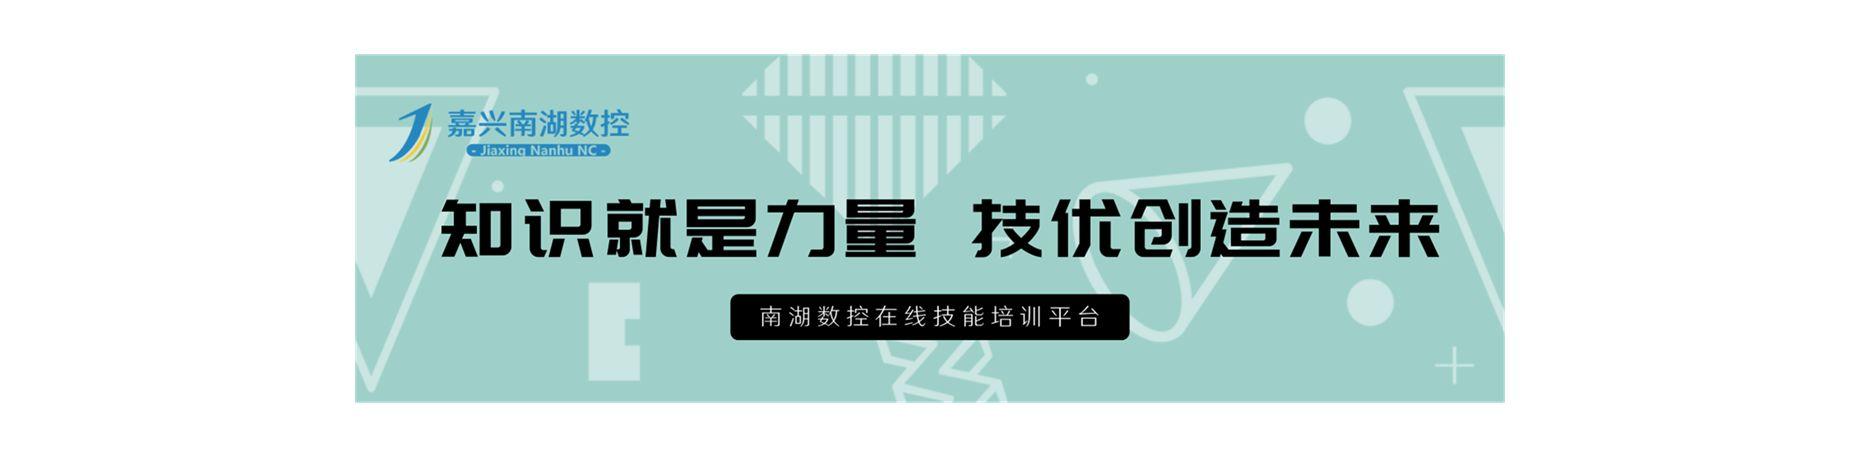 机修钳工中级工_嘉兴市南湖数控技术有限公司